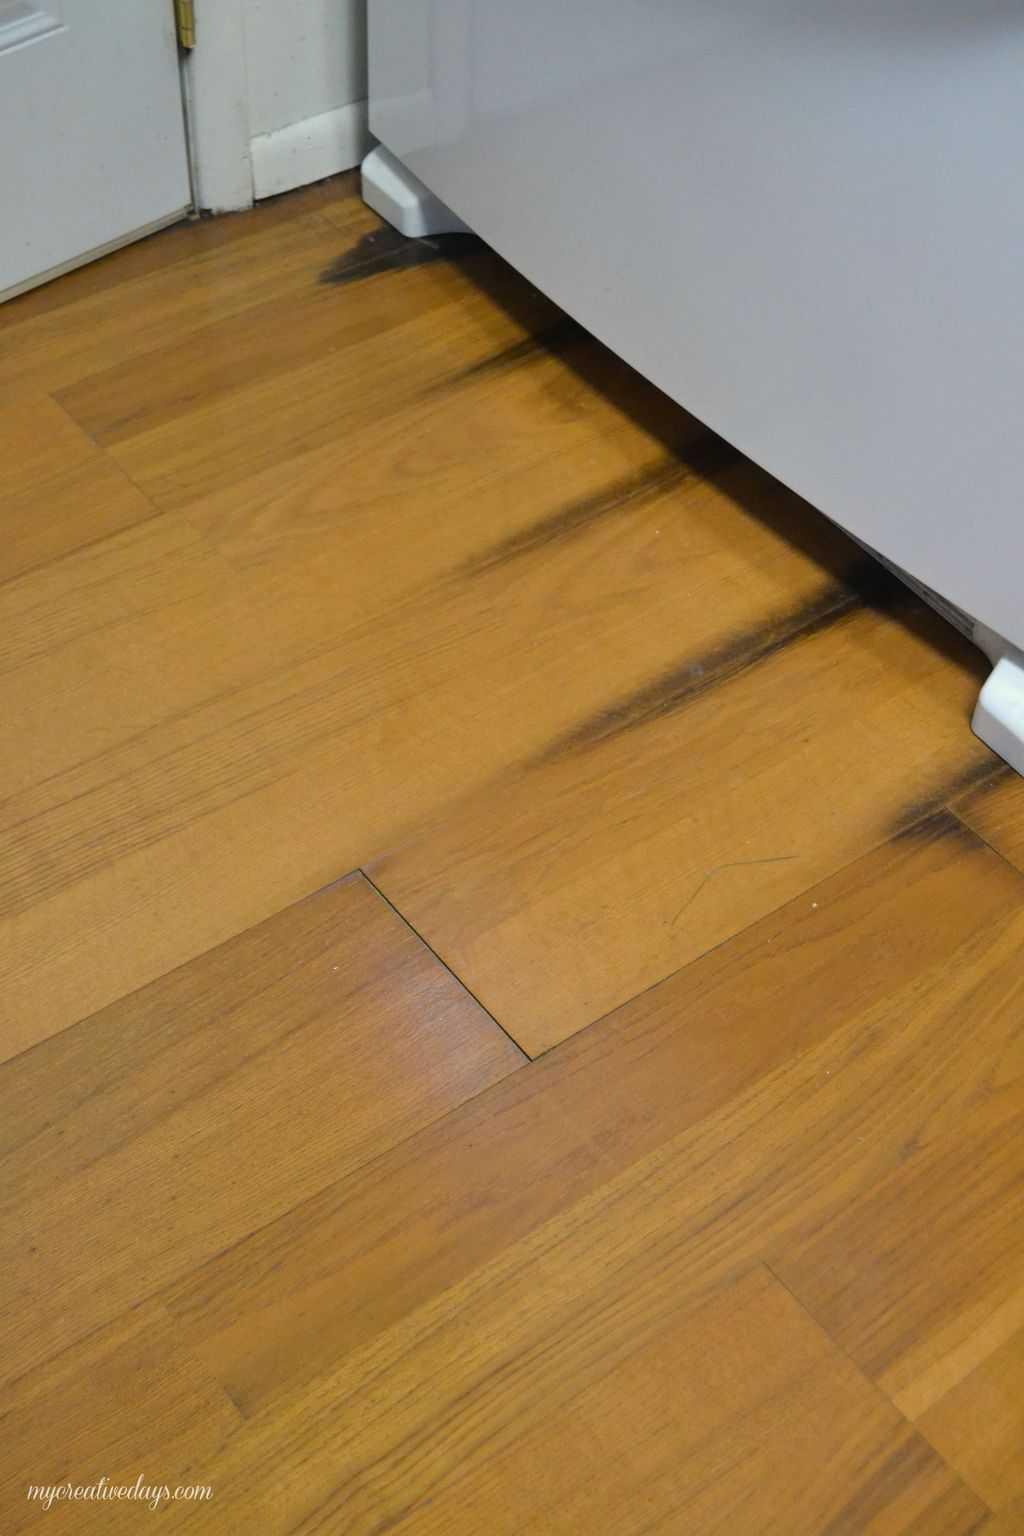 laminate kitchen flooring backspash makeover my creative days